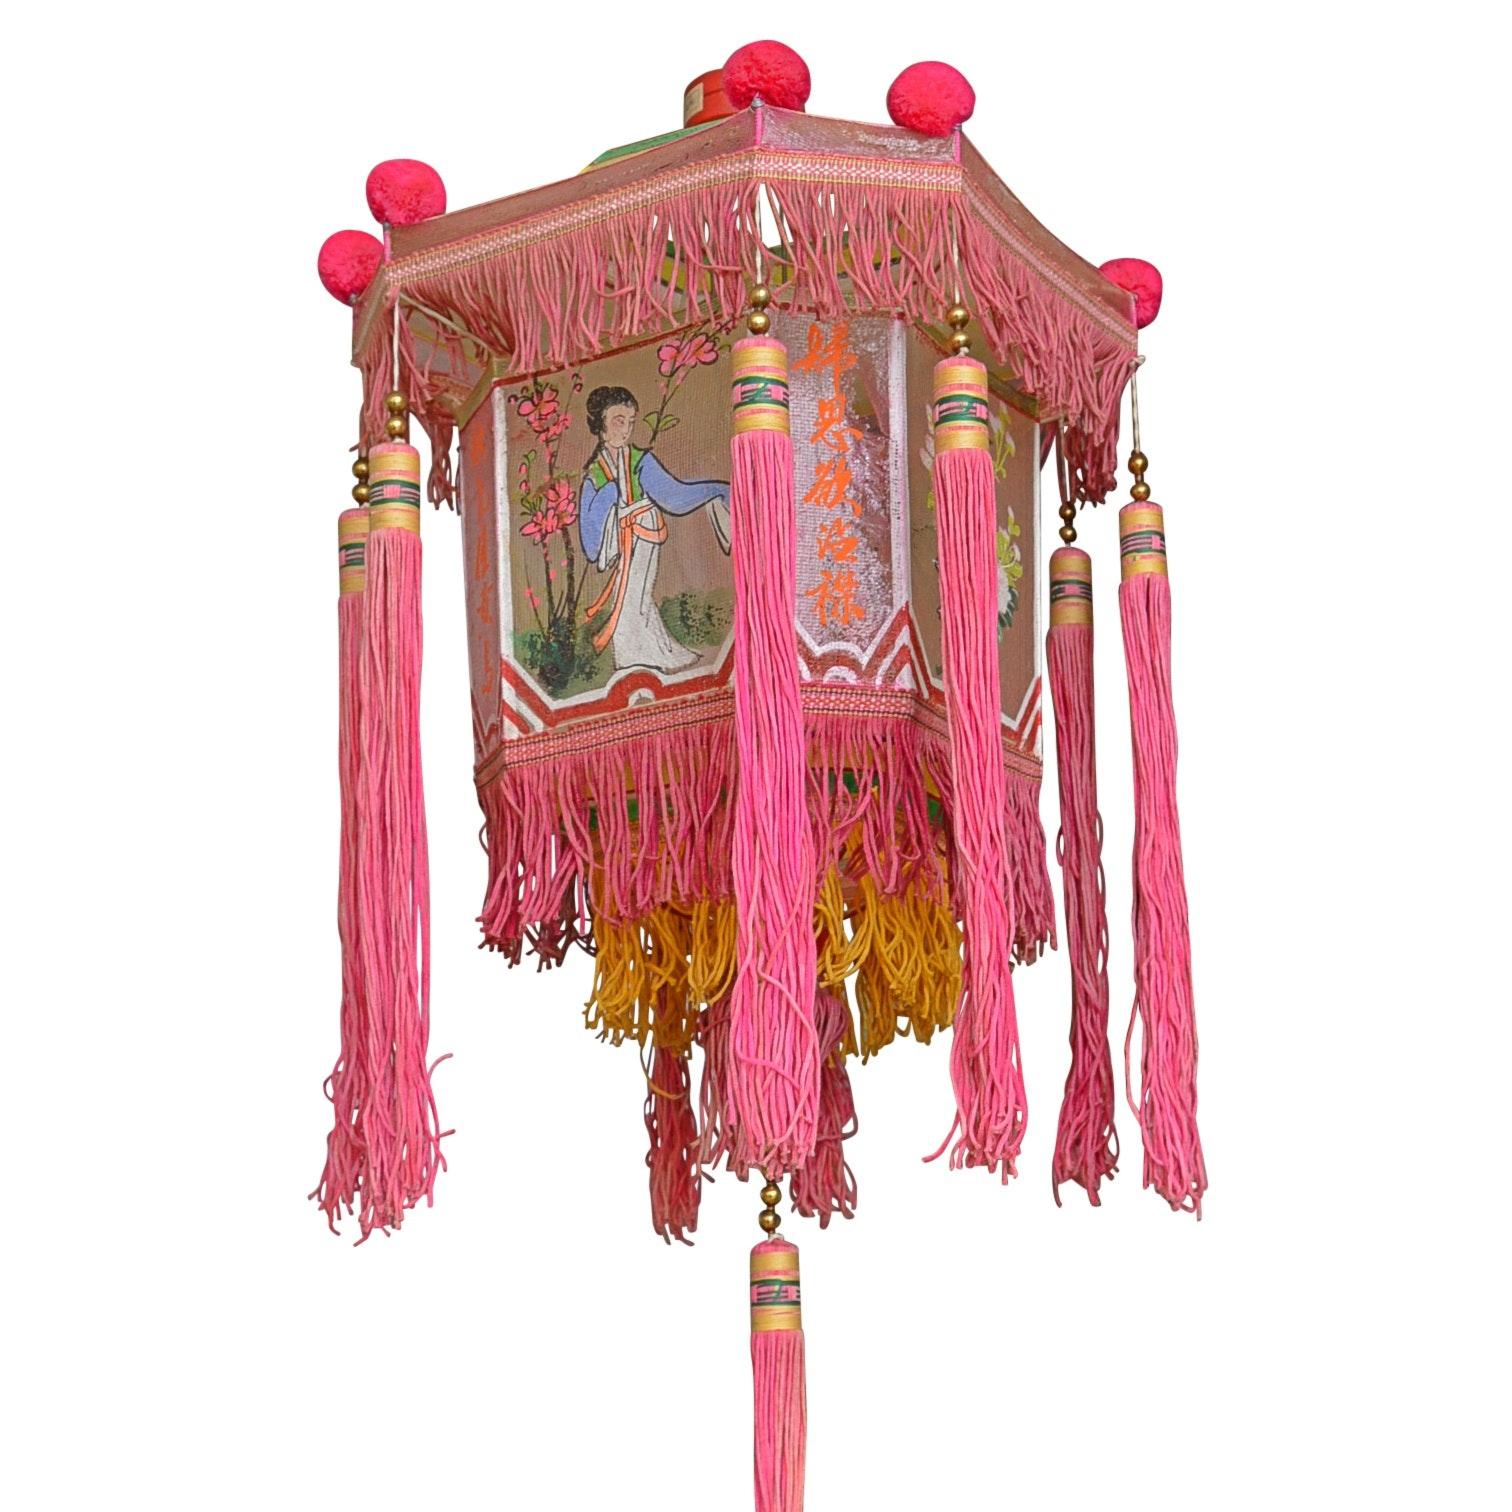 Vintage Chinese Hanging Paper Lanterns